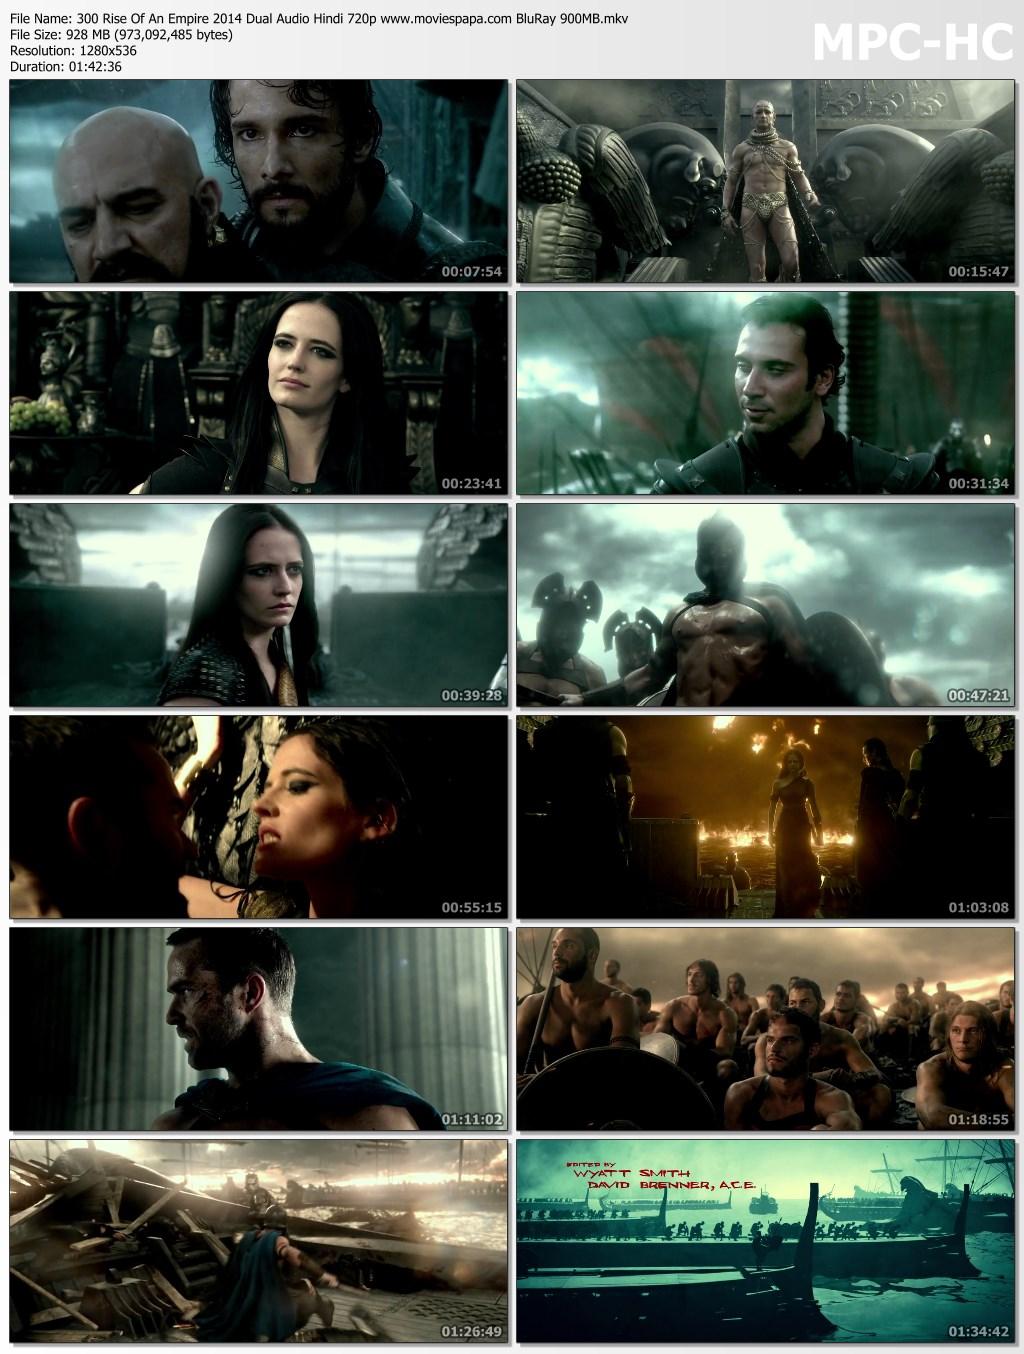 300 spartans full movie download dual audio 480p